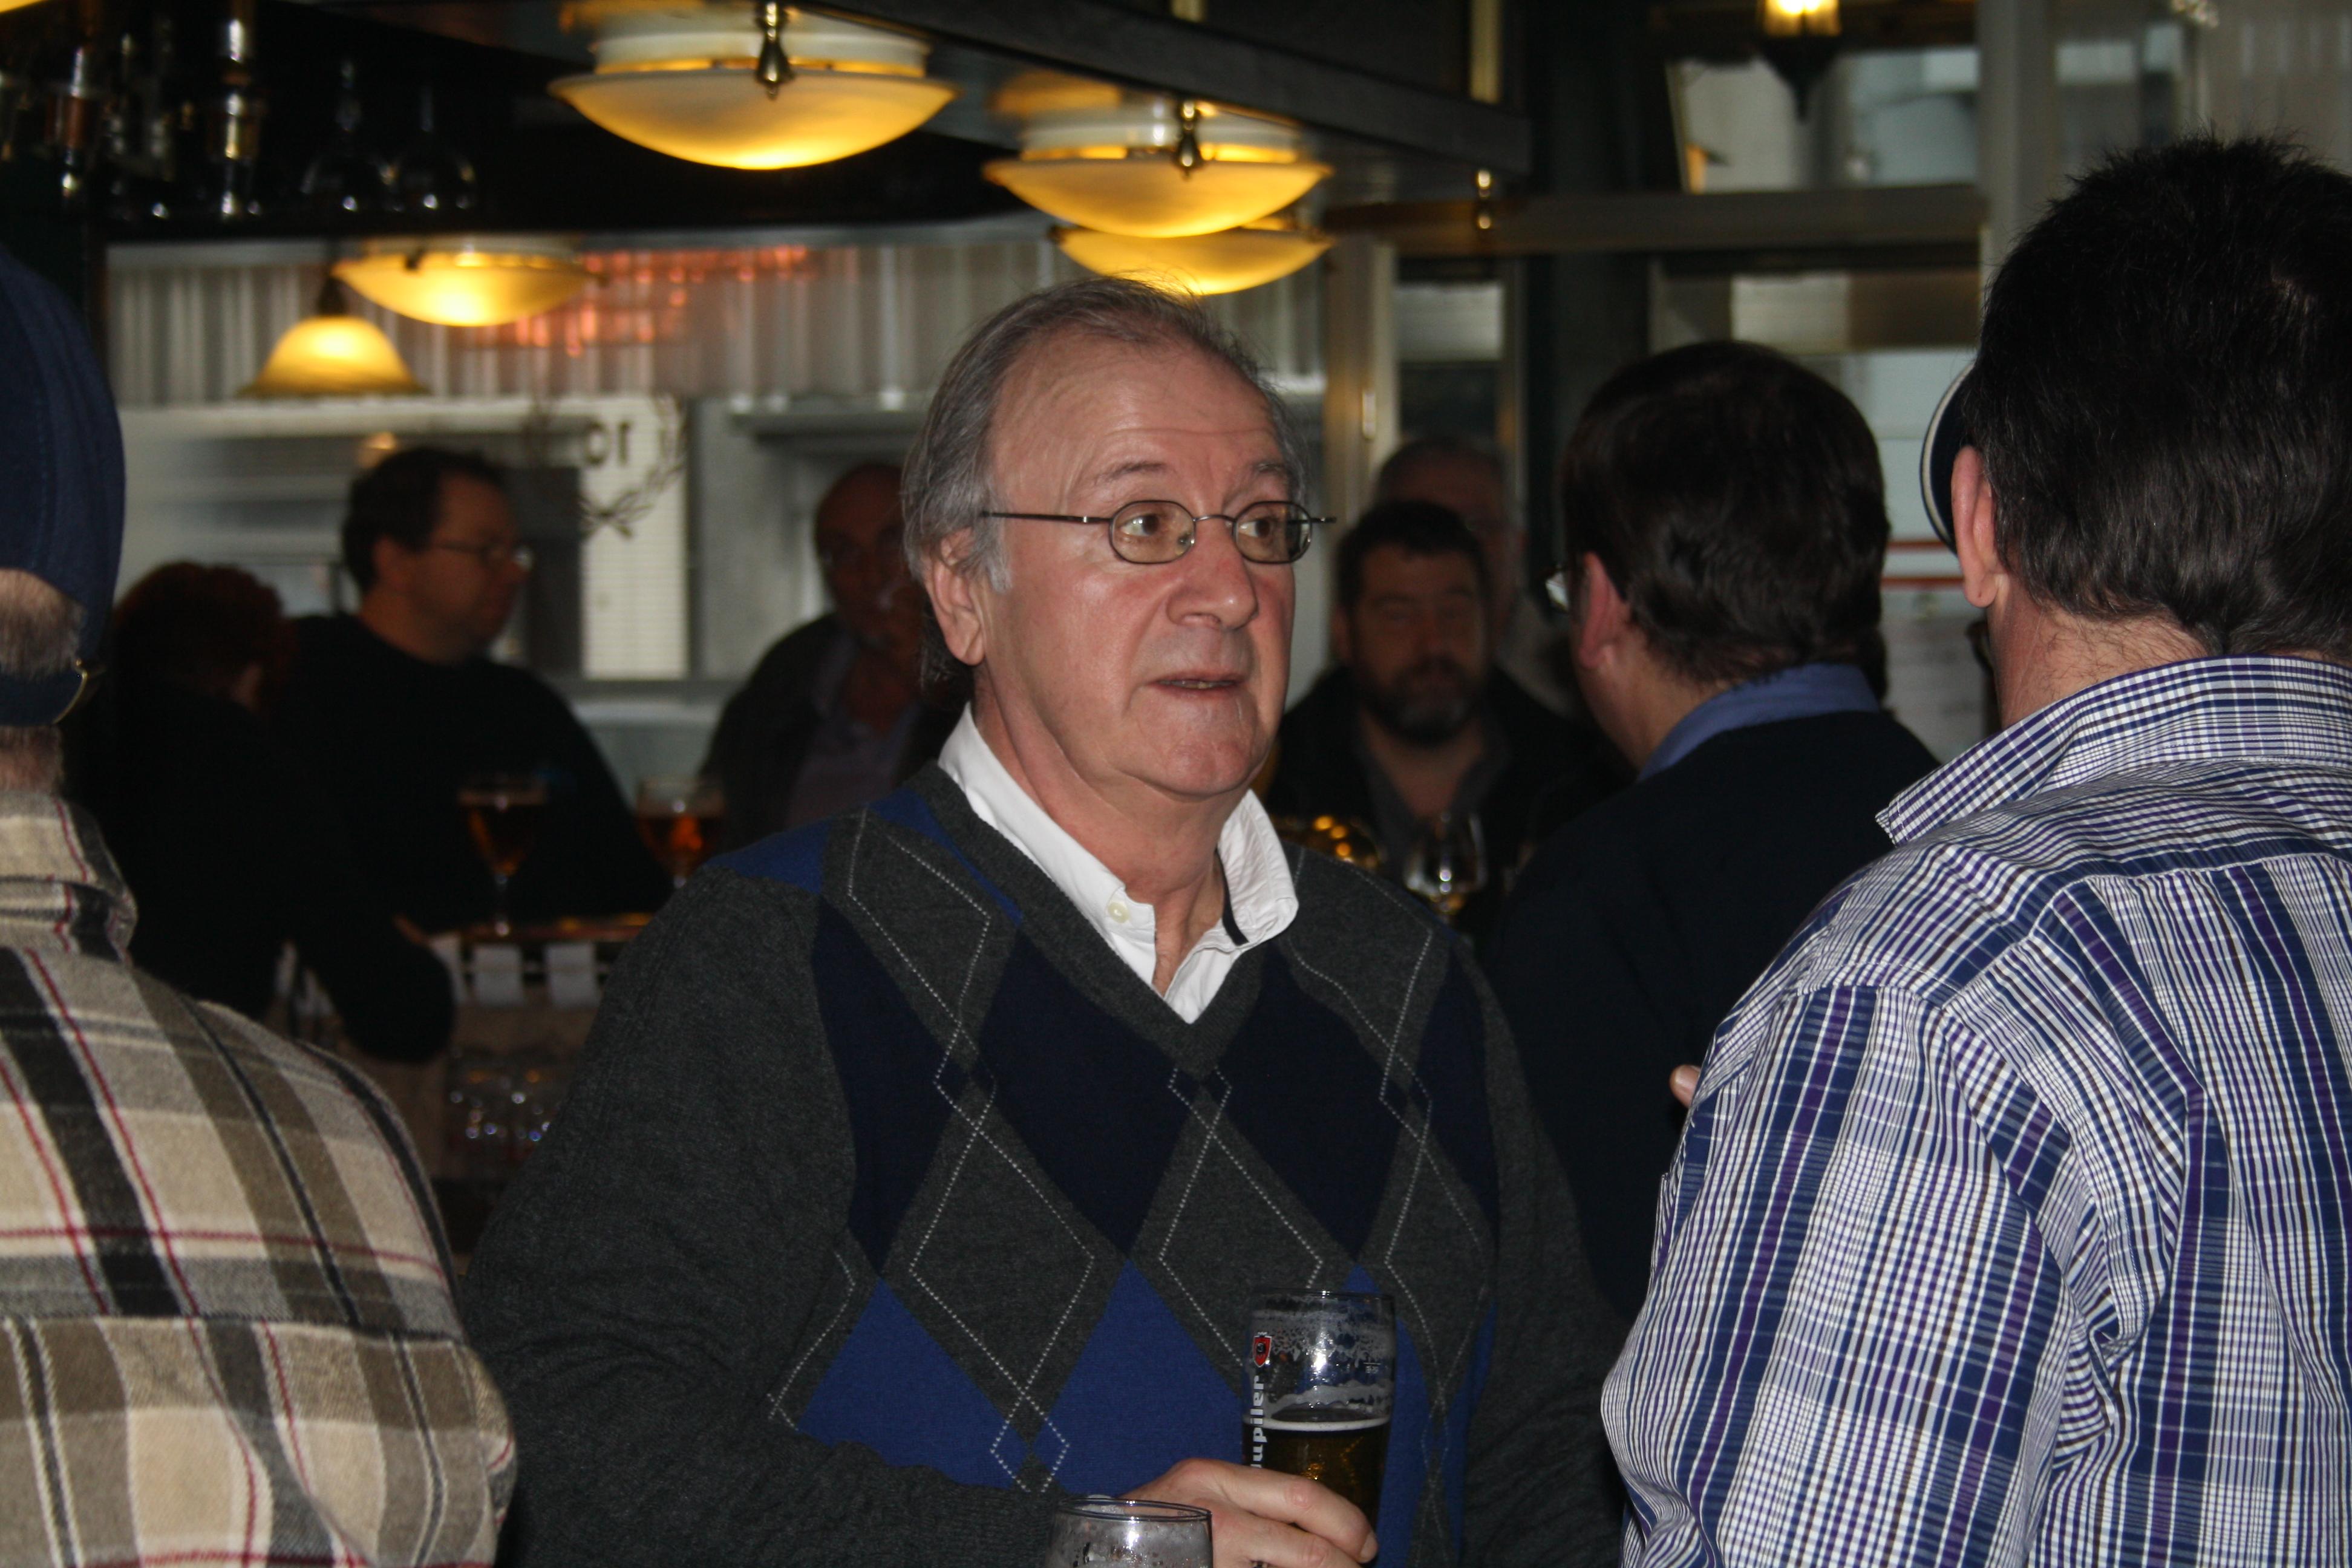 Réunion à Ostende le 26 février 2011 - Page 7 1102270419271095837724333